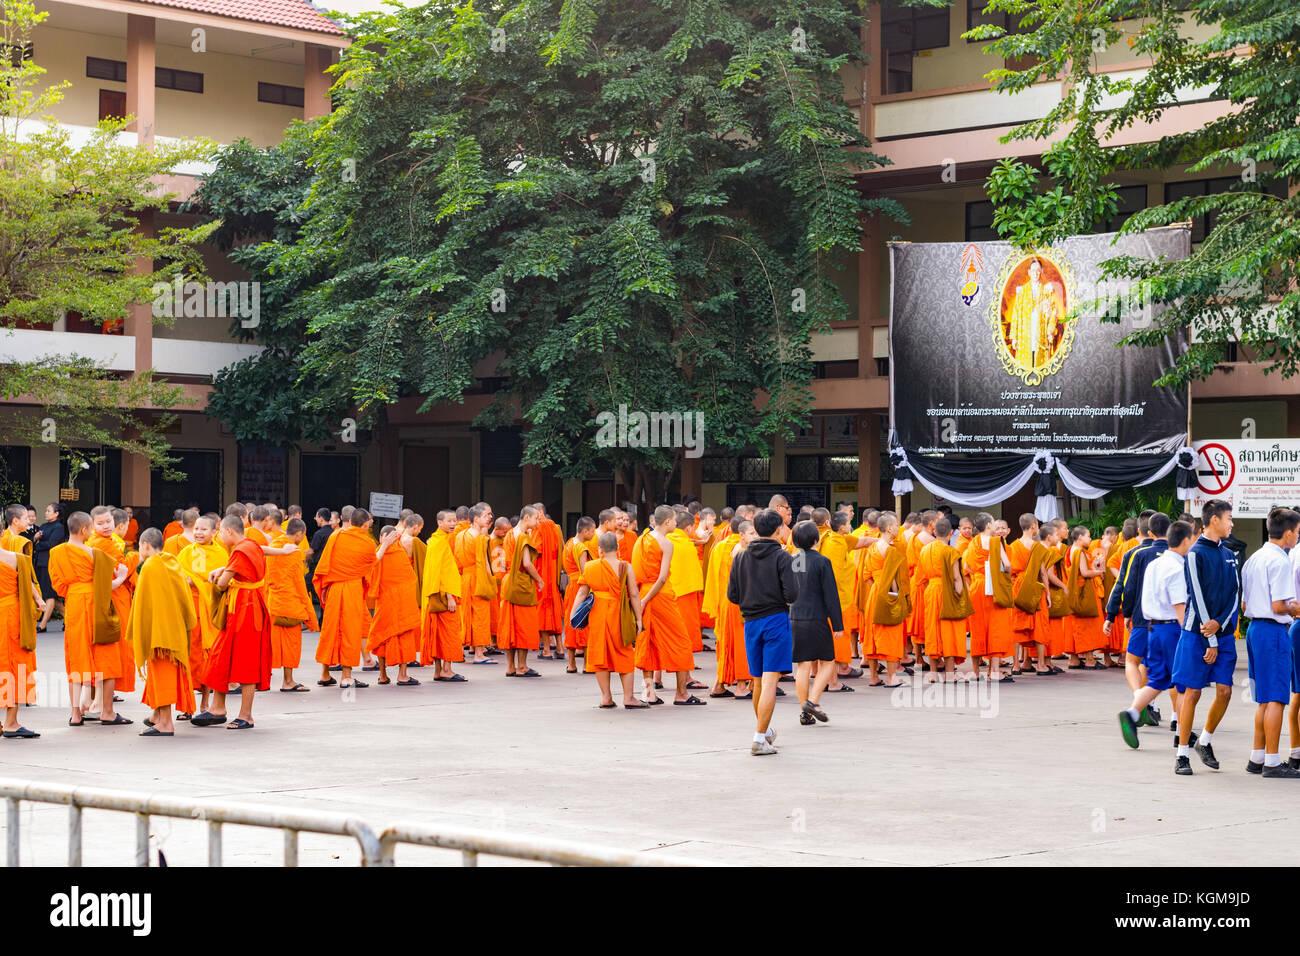 Scuola di Monaco la vita quotidiana dei monaci tailandesi in coda per la scuola in Chiang Mai Thailandia Immagini Stock